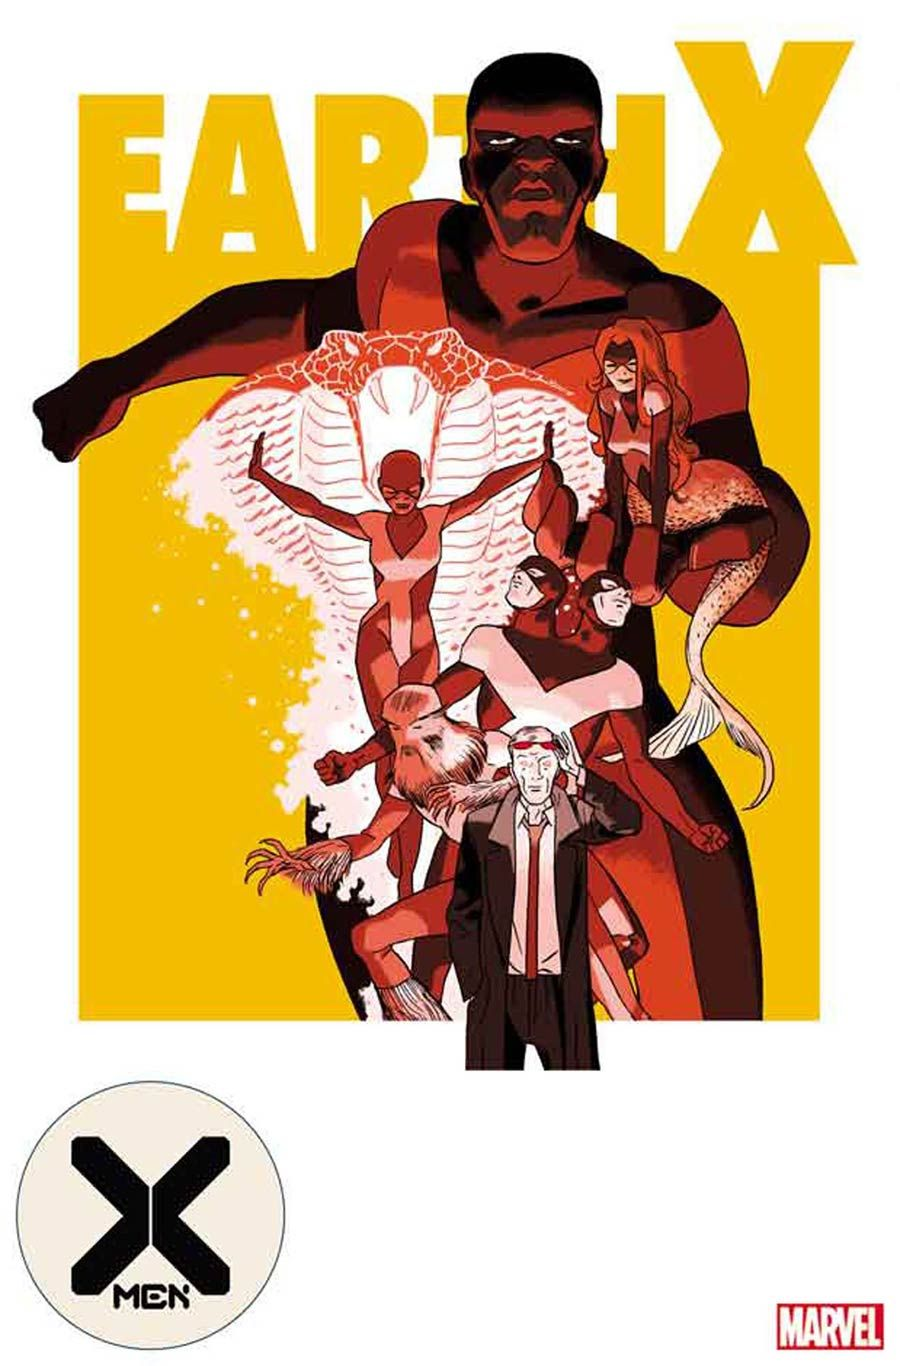 X Men 5 In 2020 X Men 5 X Men Marvel Comic Books